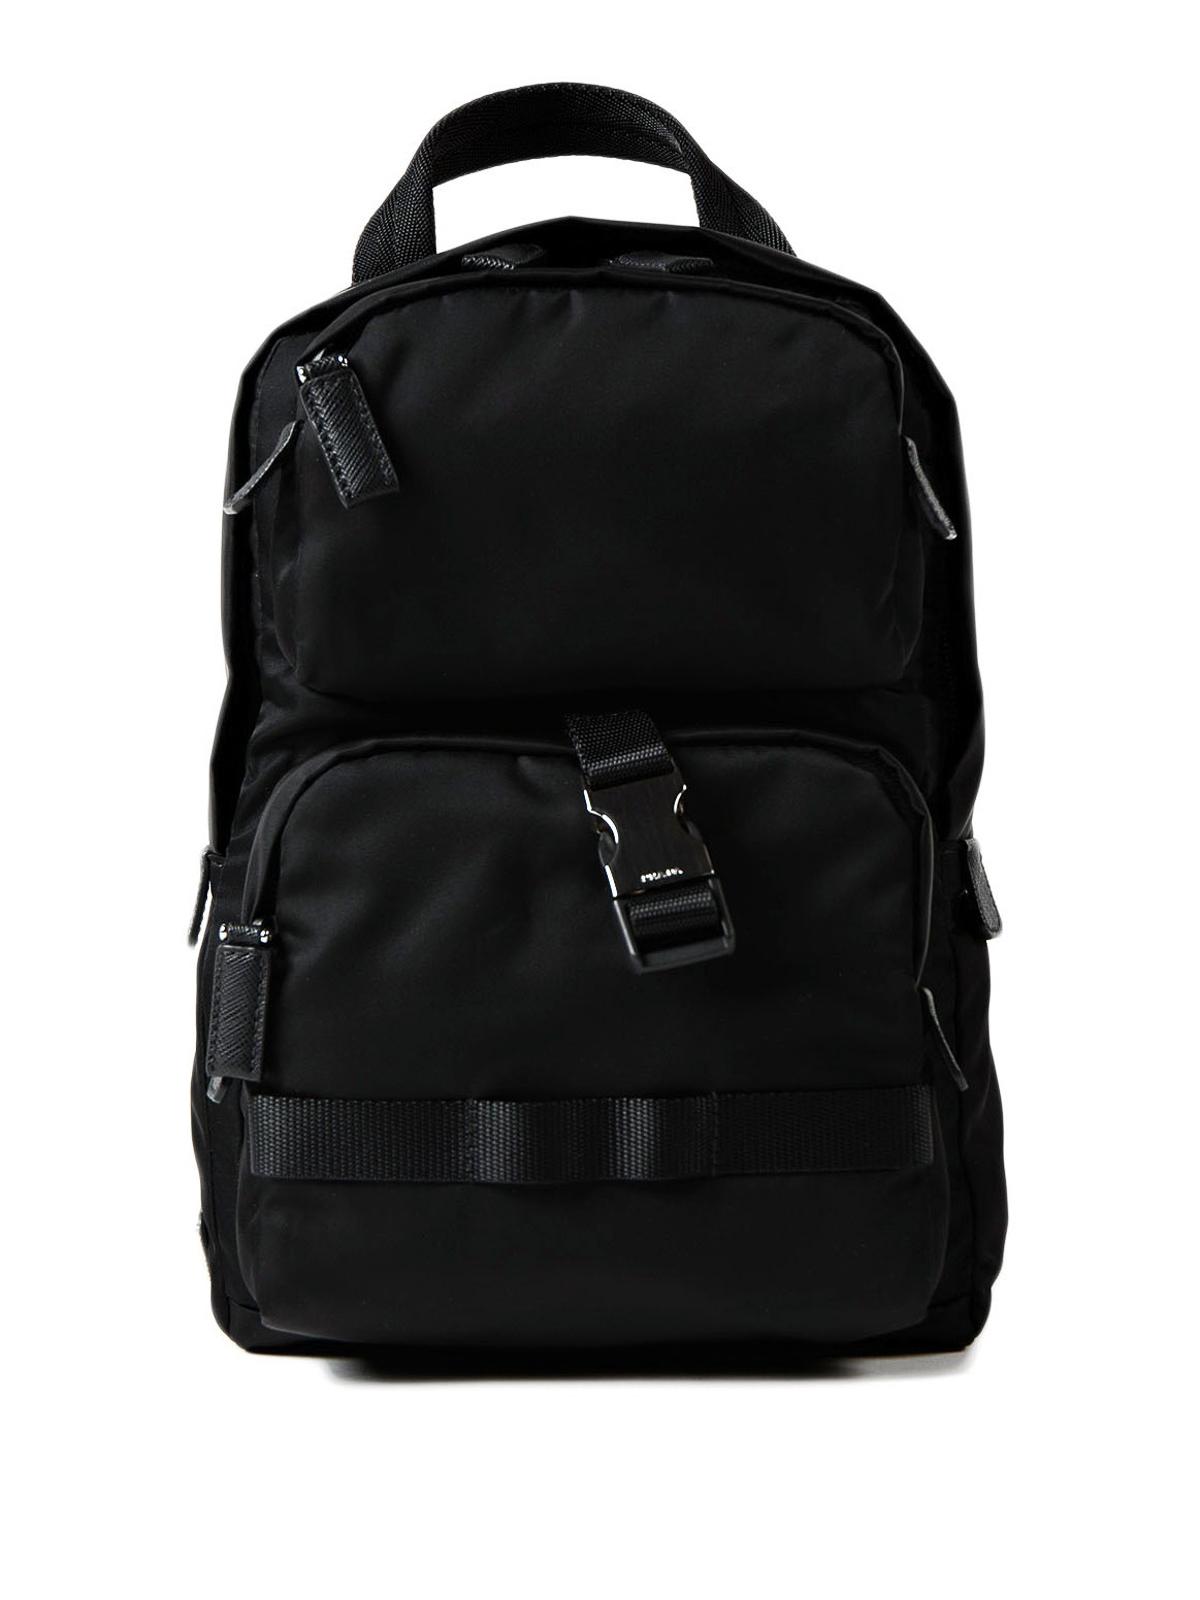 c43abb098bd3 Prada - Black nylon one shoulder backpack - backpacks - 2VZ013 973 002